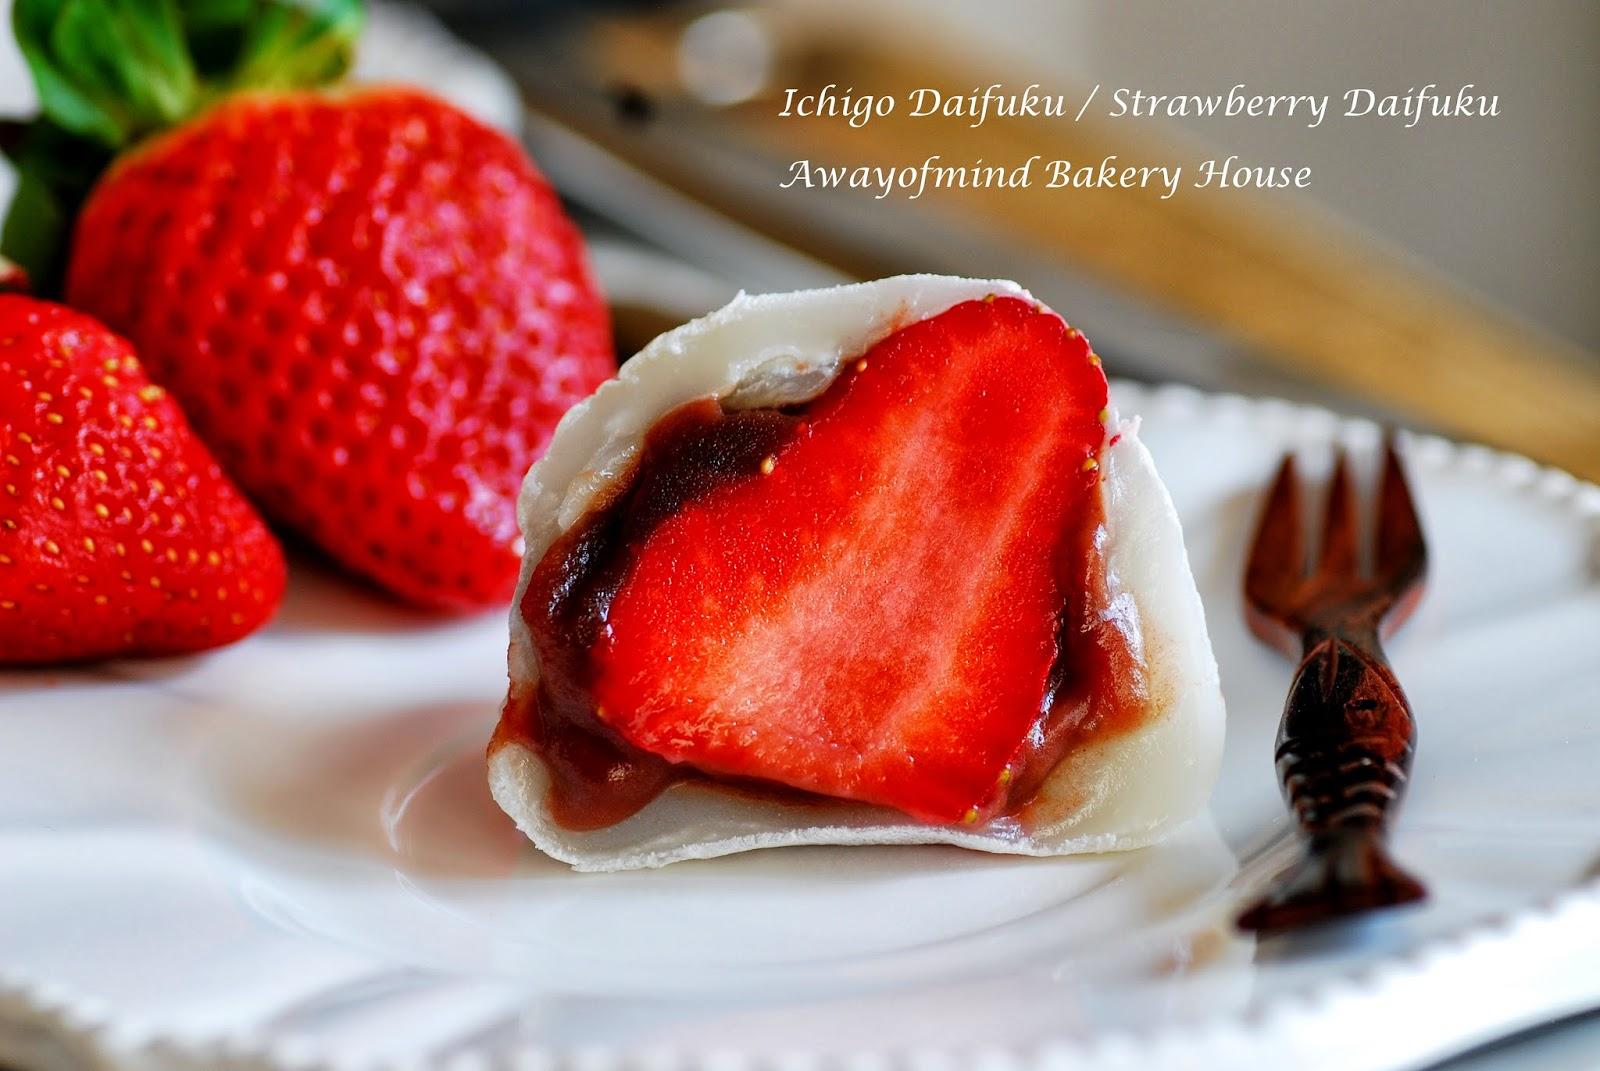 ... Bakery House: Ichigo Daifuku / Strawberry Daifuku (いちご大福